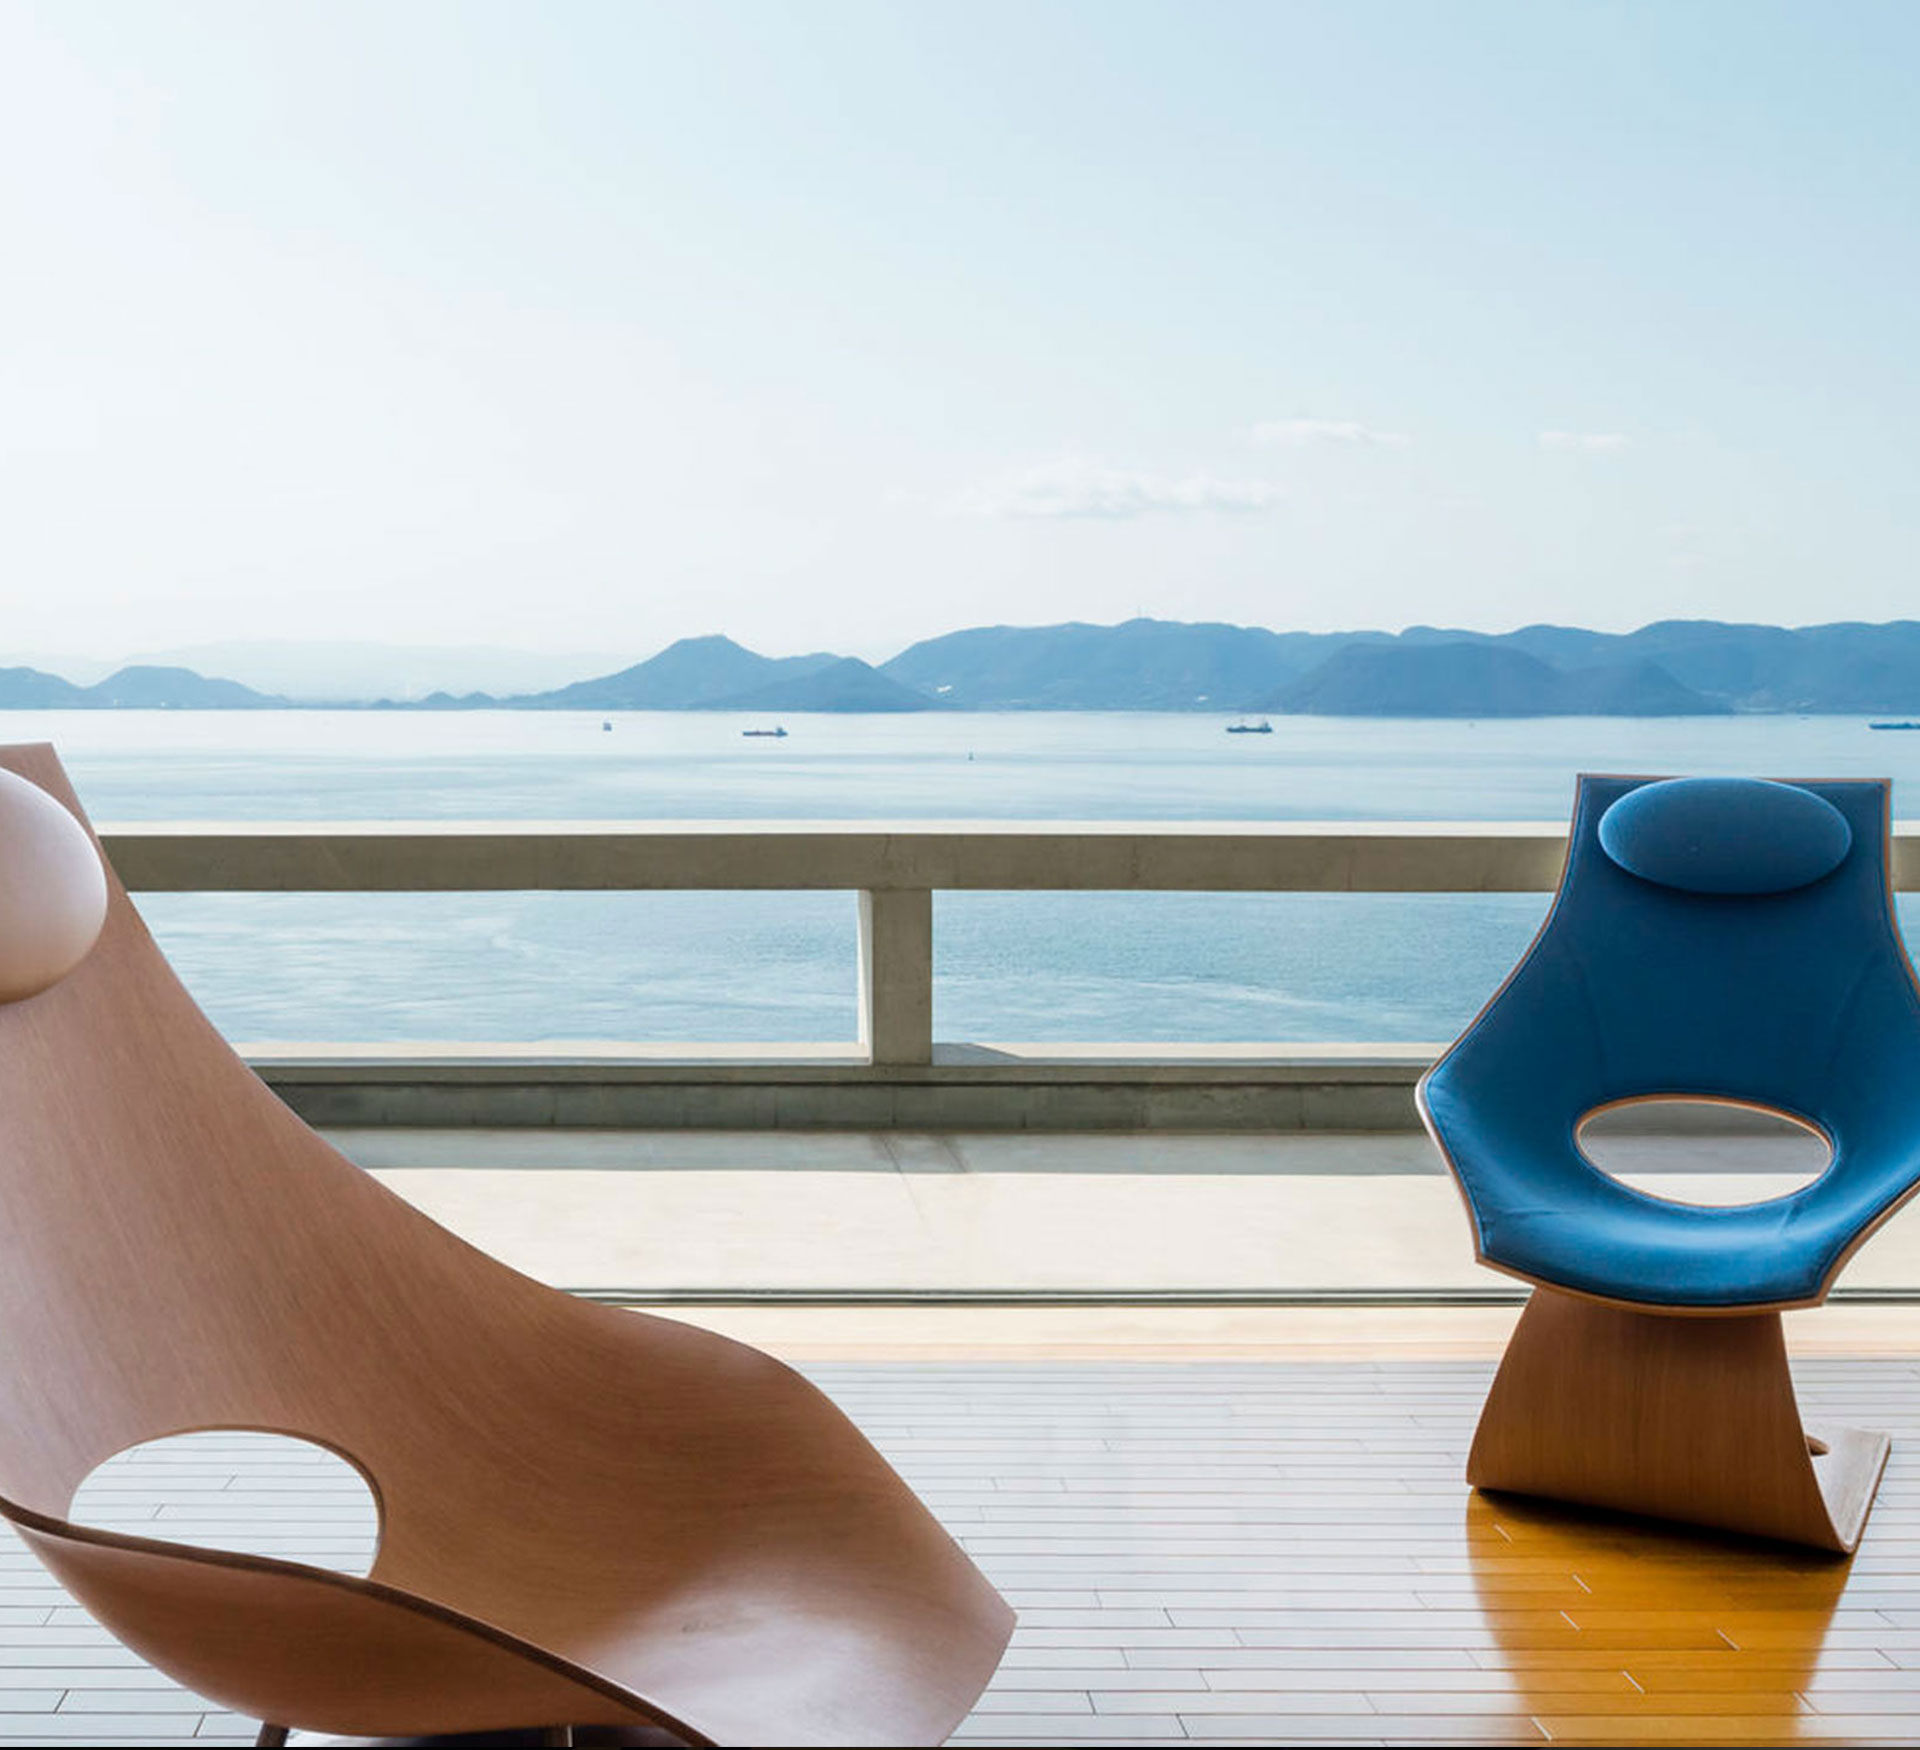 Zwei Carl Hansen & Søn - TA001P DREAM CHAIRS auf einer Sonnenterasse im Hintergrund Meer